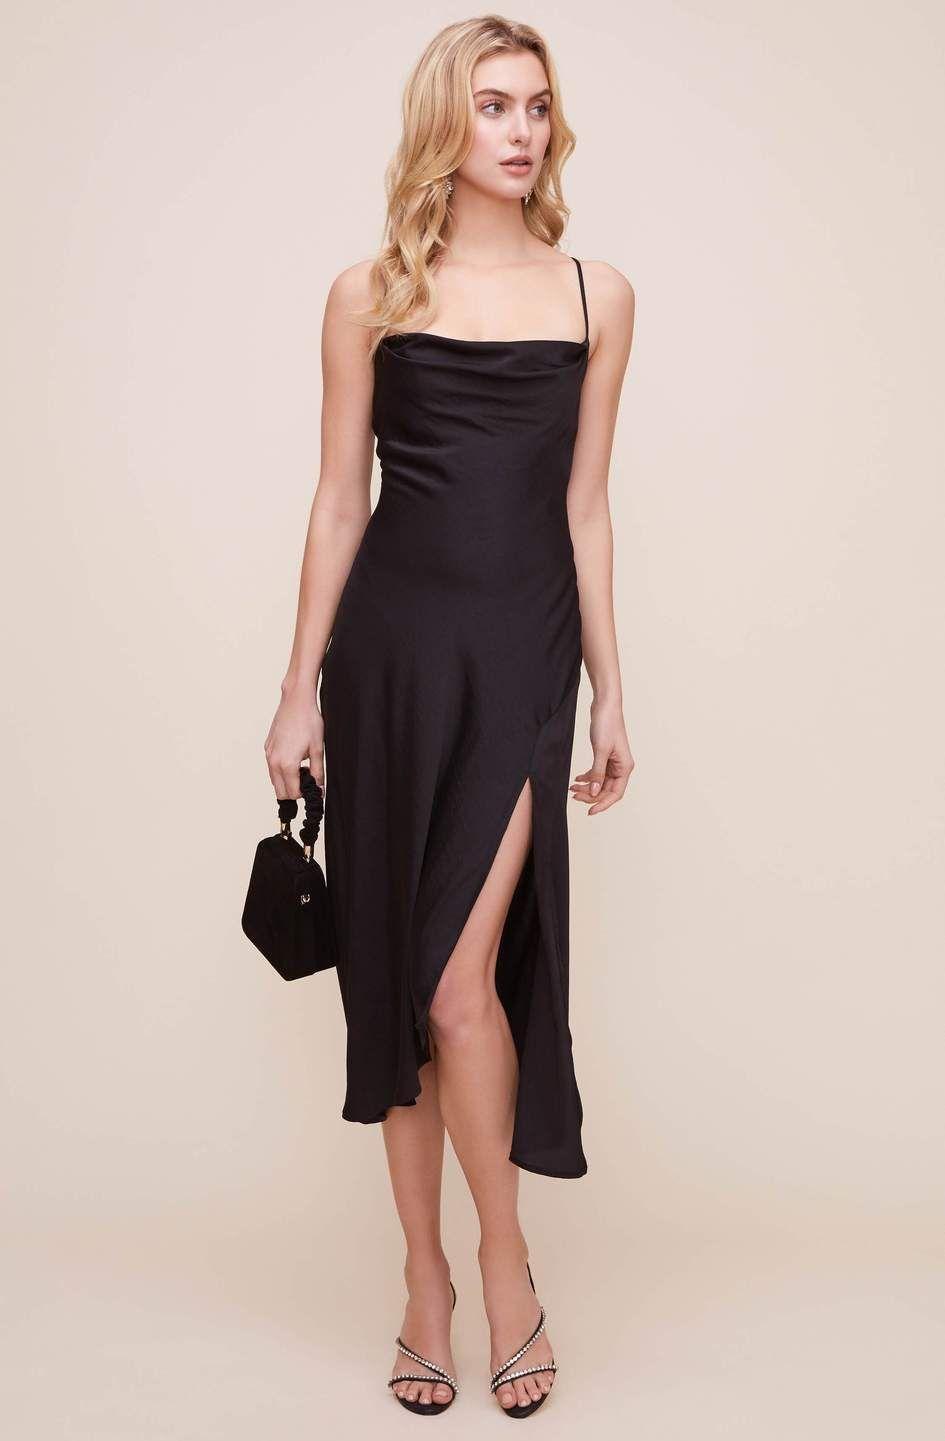 Gaia Midi Dress Solid Astr The Label Midi Dress Black Midi Dress Dresses [ 1441 x 945 Pixel ]